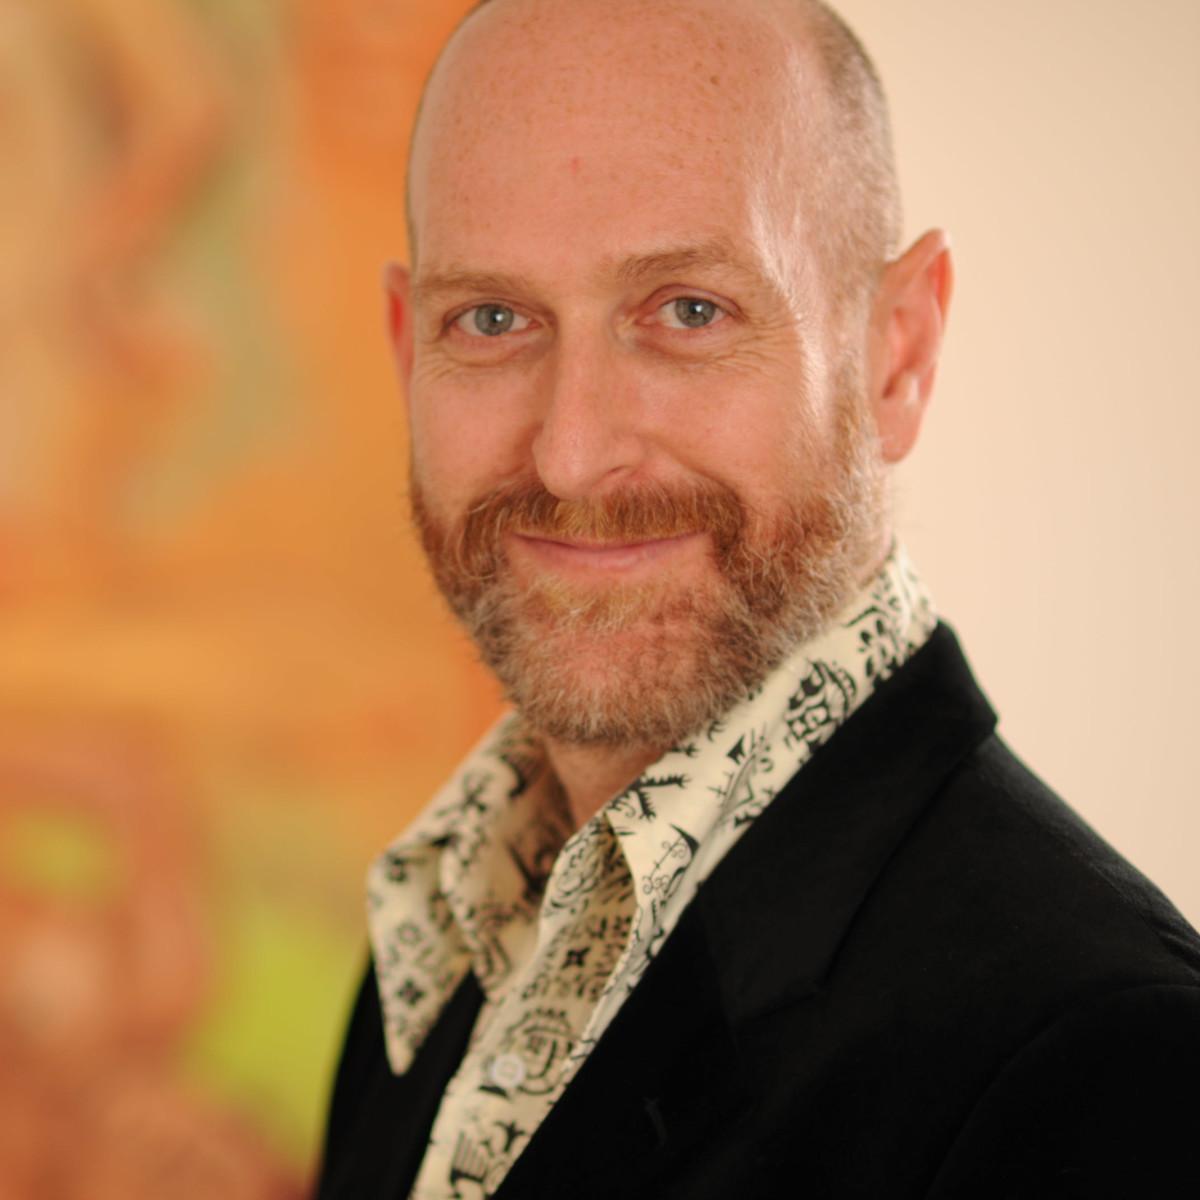 CentralTrak director Heyd Fontenot